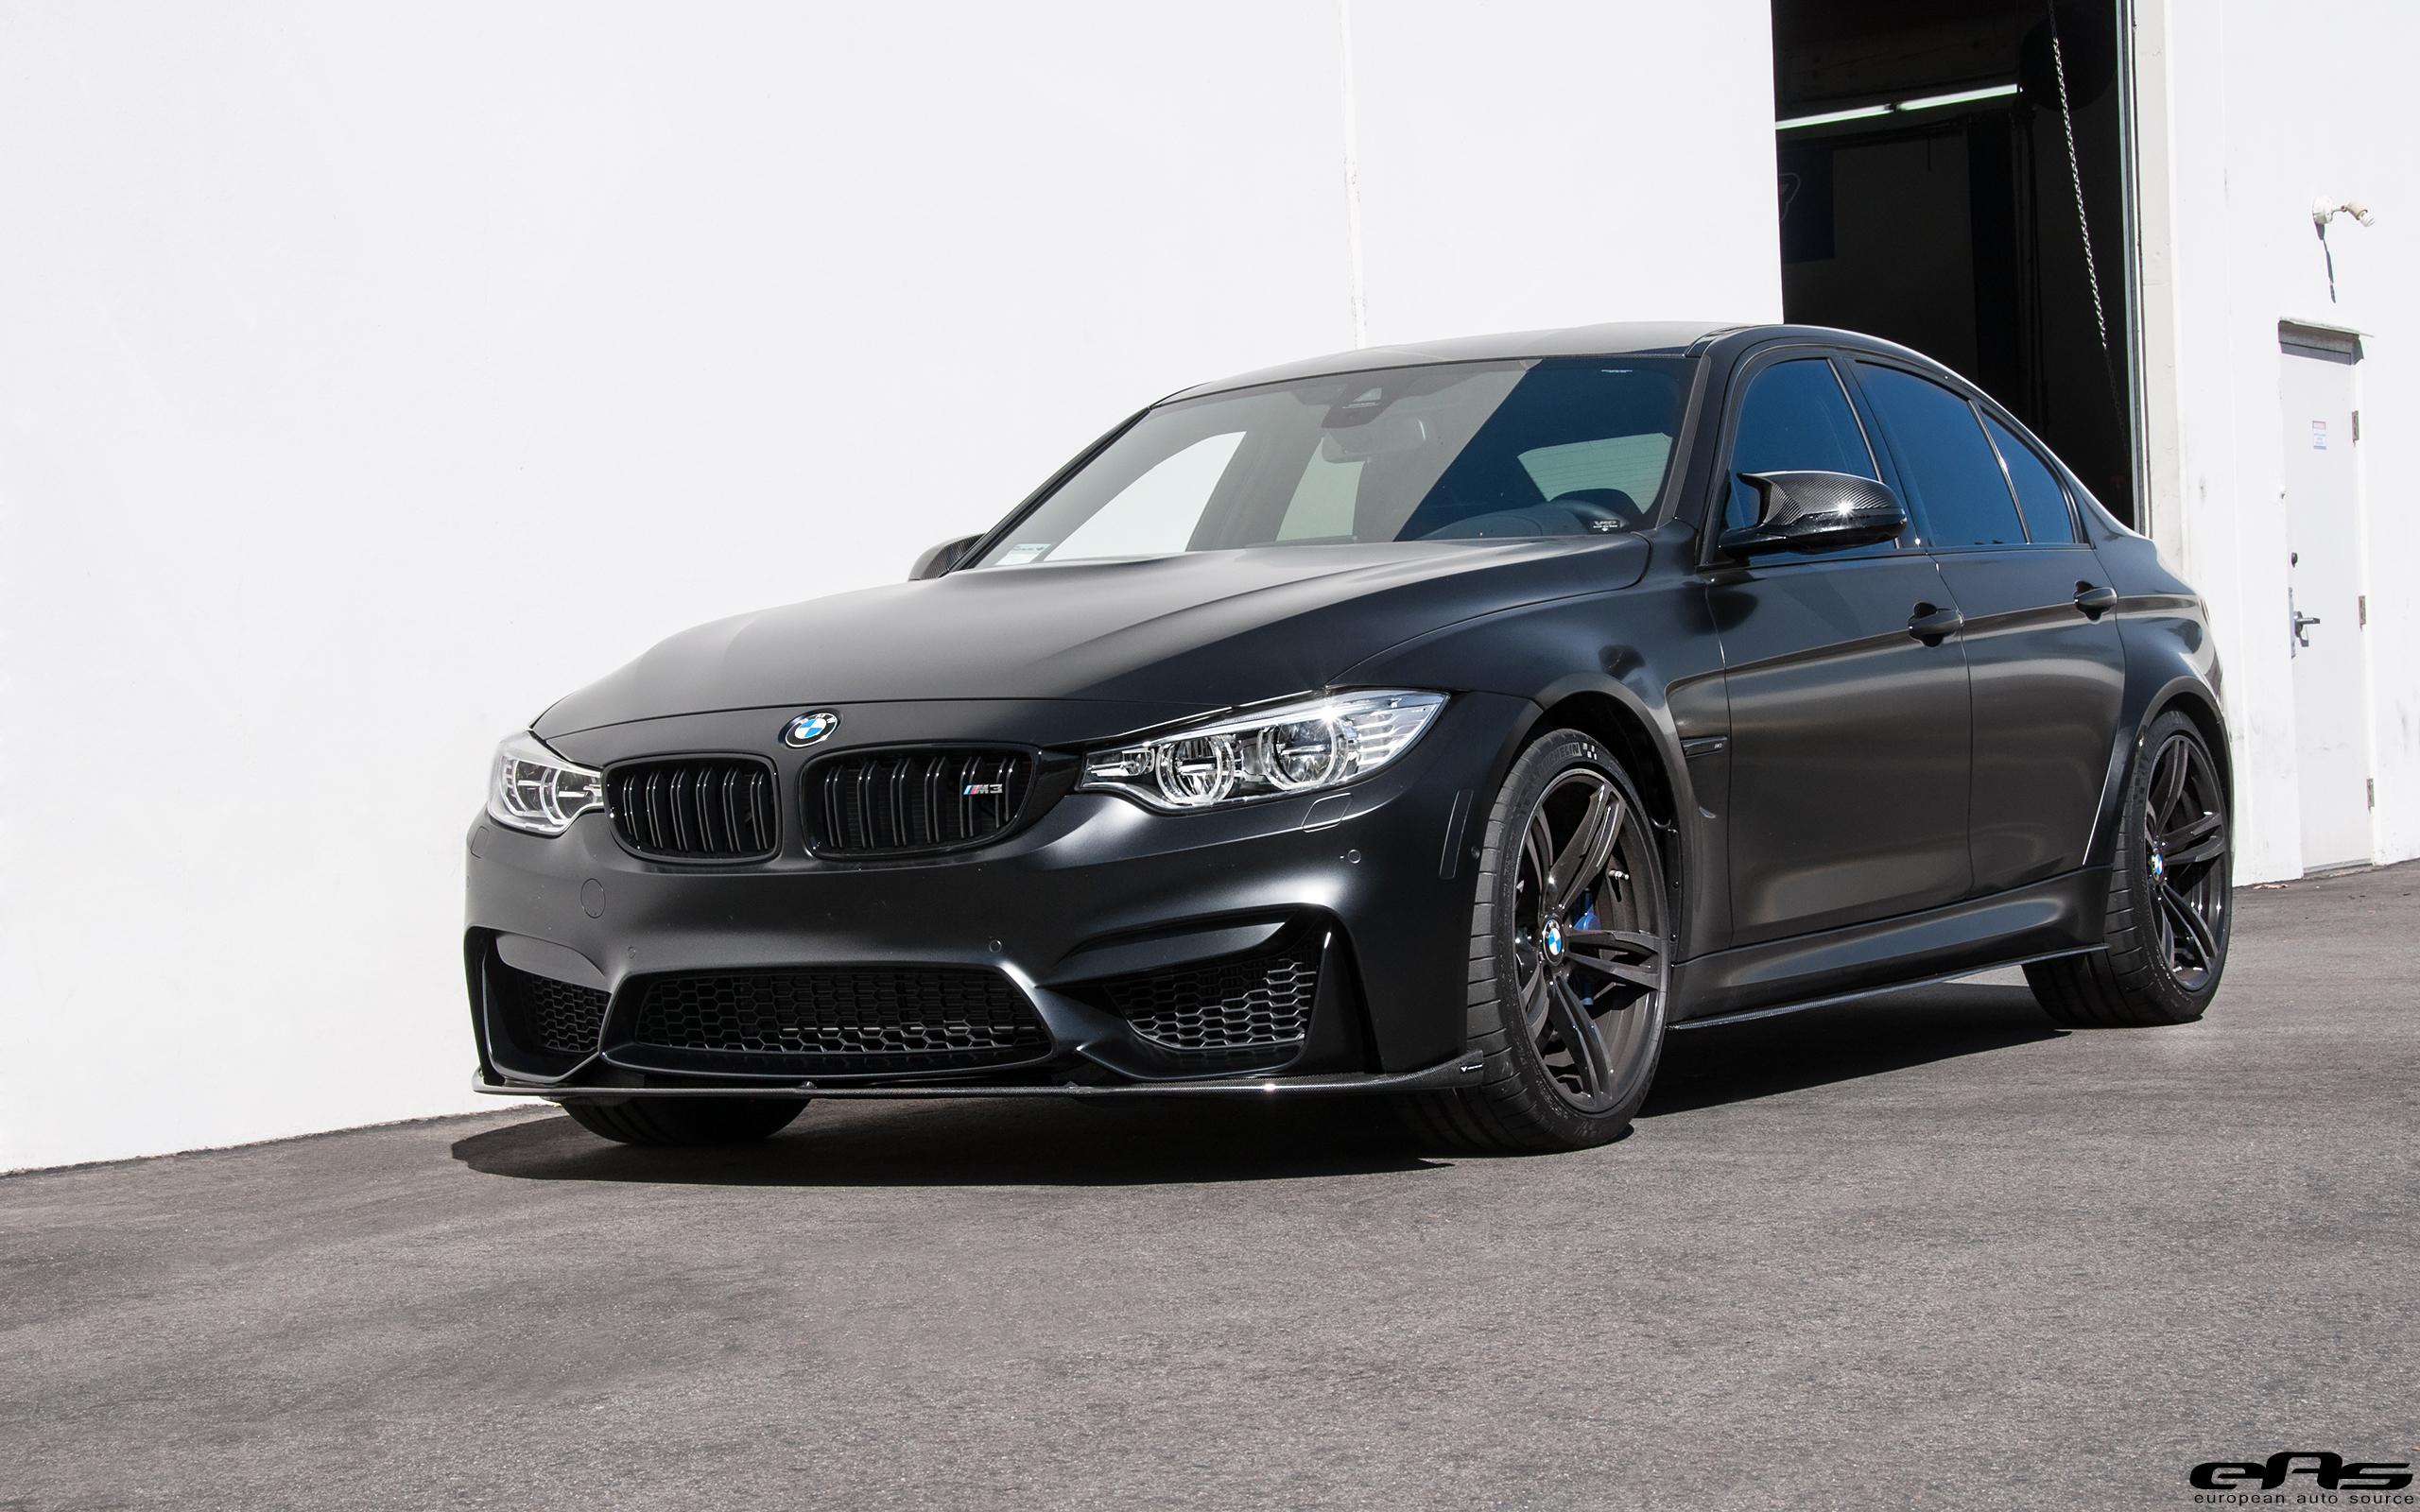 Frozen Black F80 M3 | BMW Performance Parts & Services